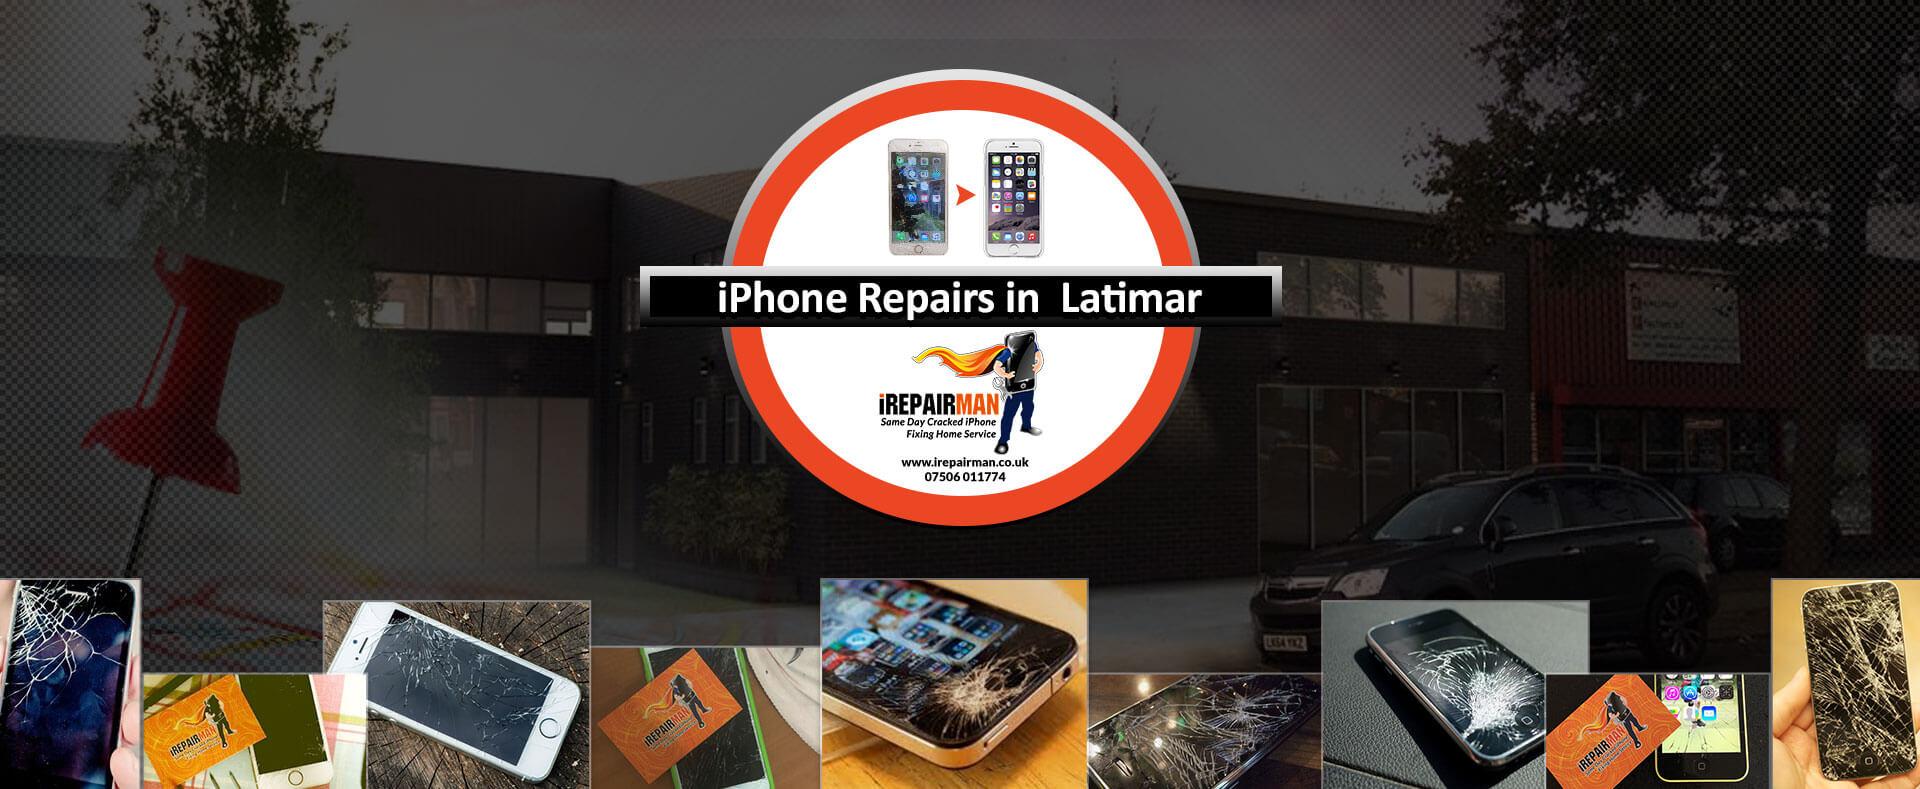 iPhone Repairs in Latimar